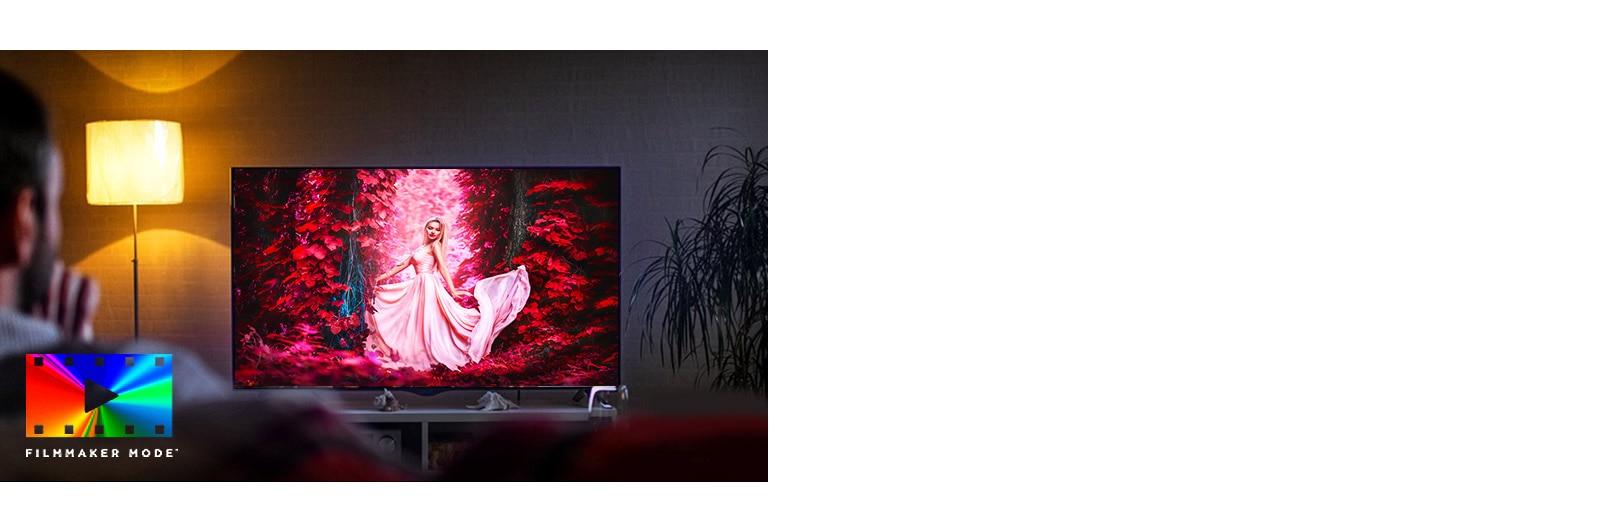 Мужчина сидит на диване в гостиной перед телевизором и смотрит красочный фильм